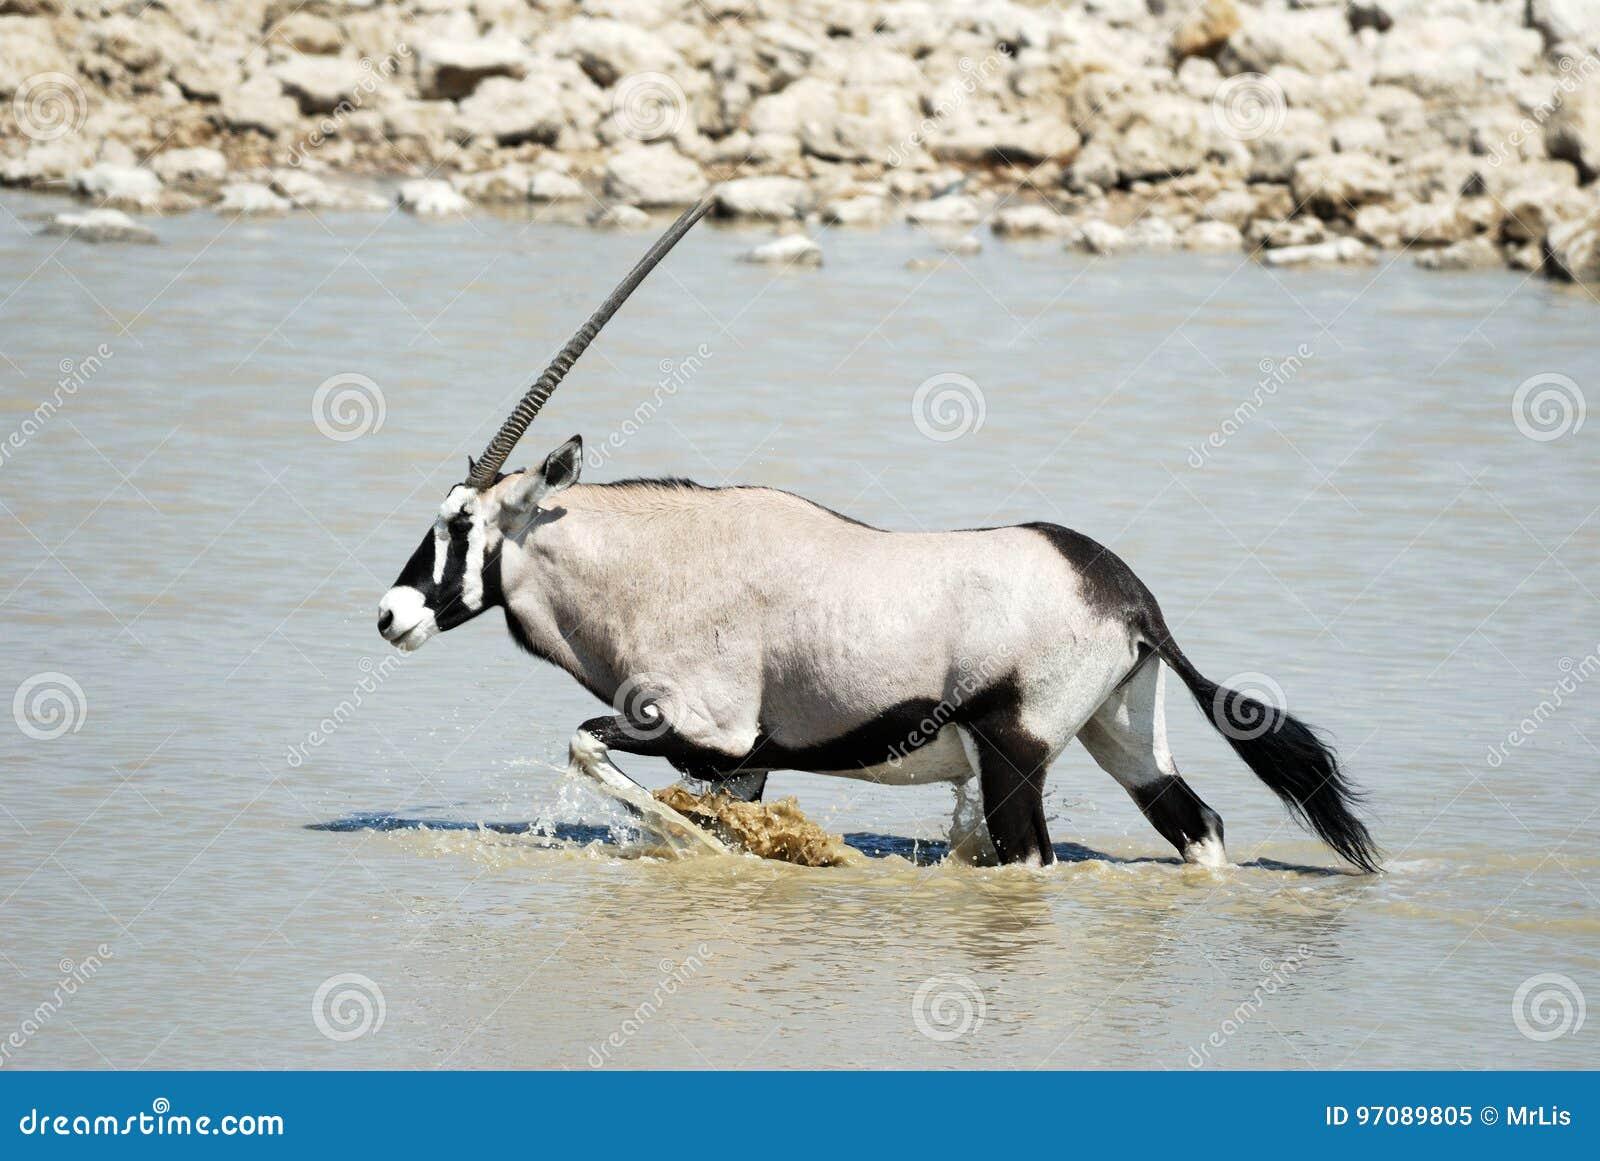 Oryx in the Etosha National Park, Namibia